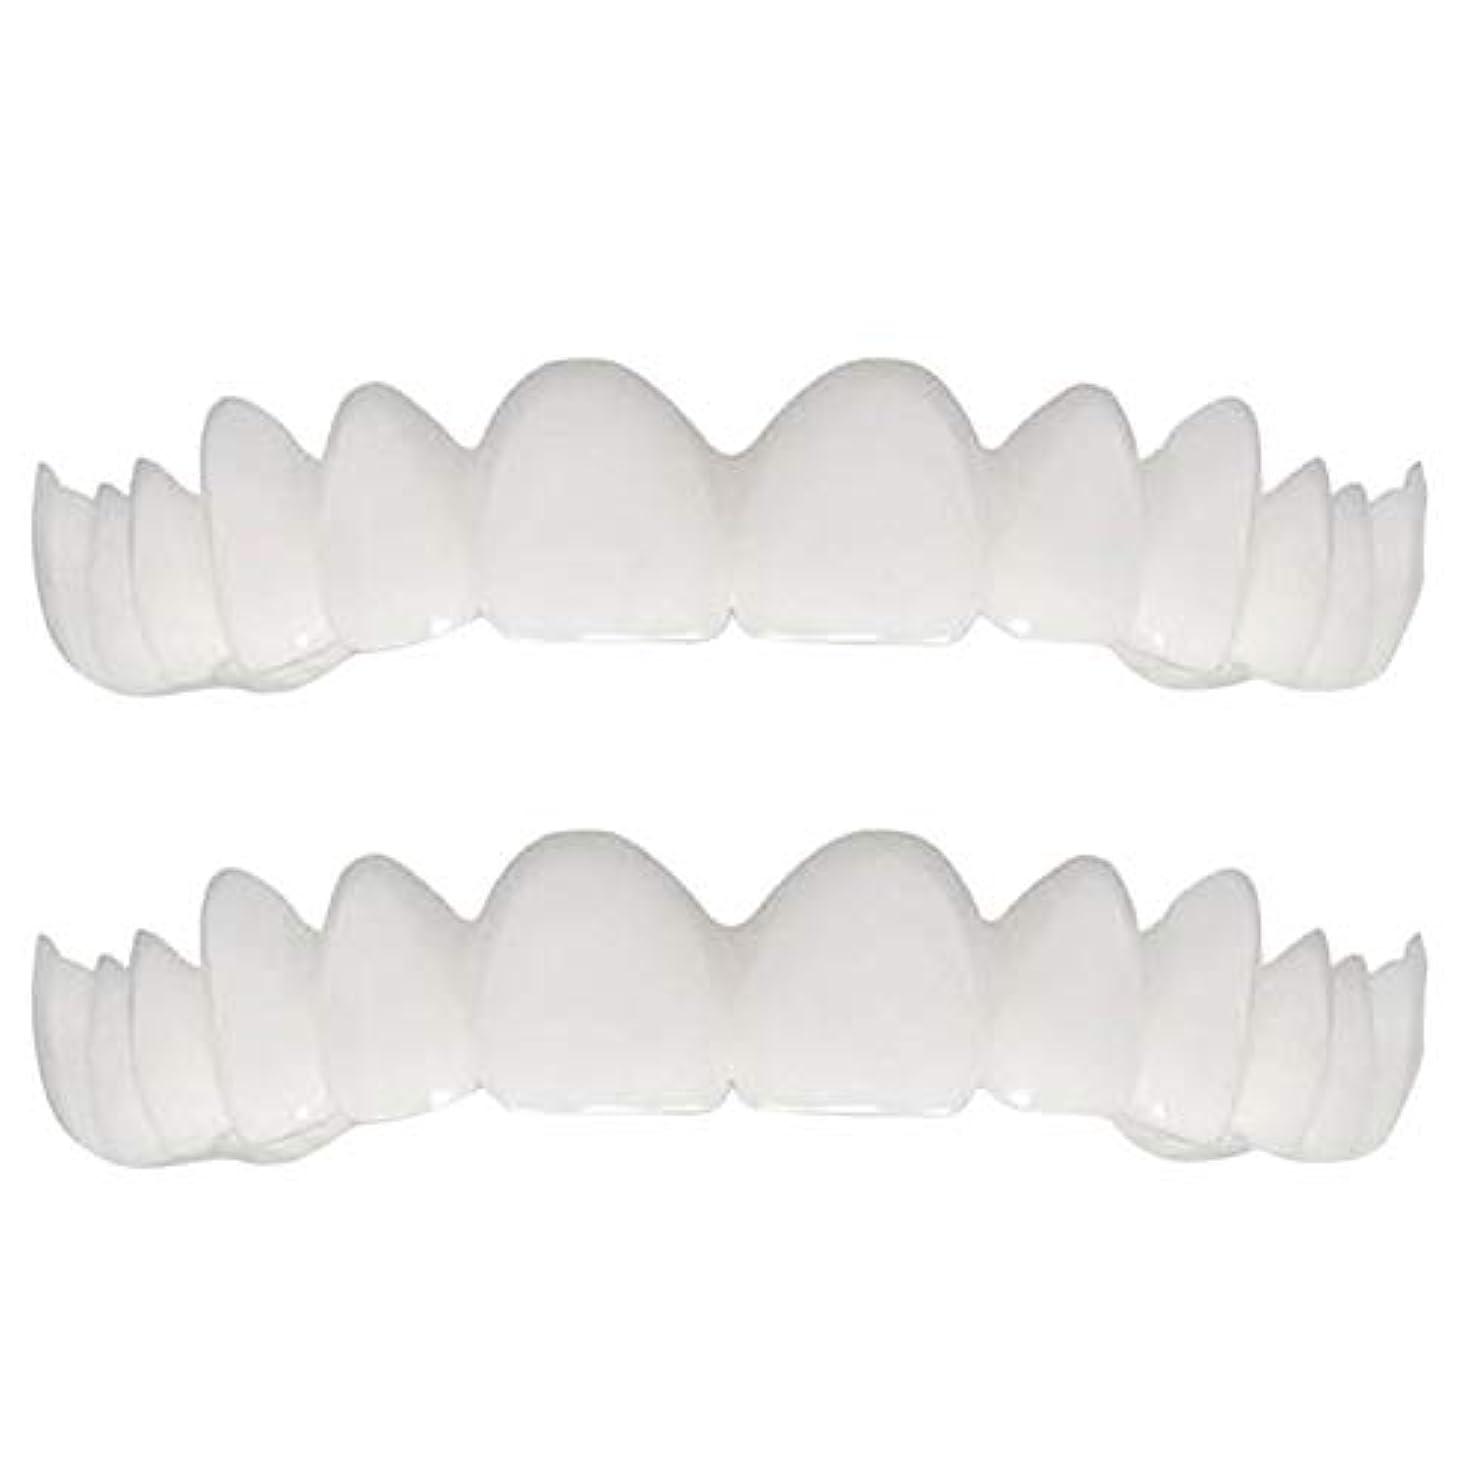 シリコーンシミュレーション義歯、上下歯列の白い歯ブレース(1セット),Boxed,UpperLower